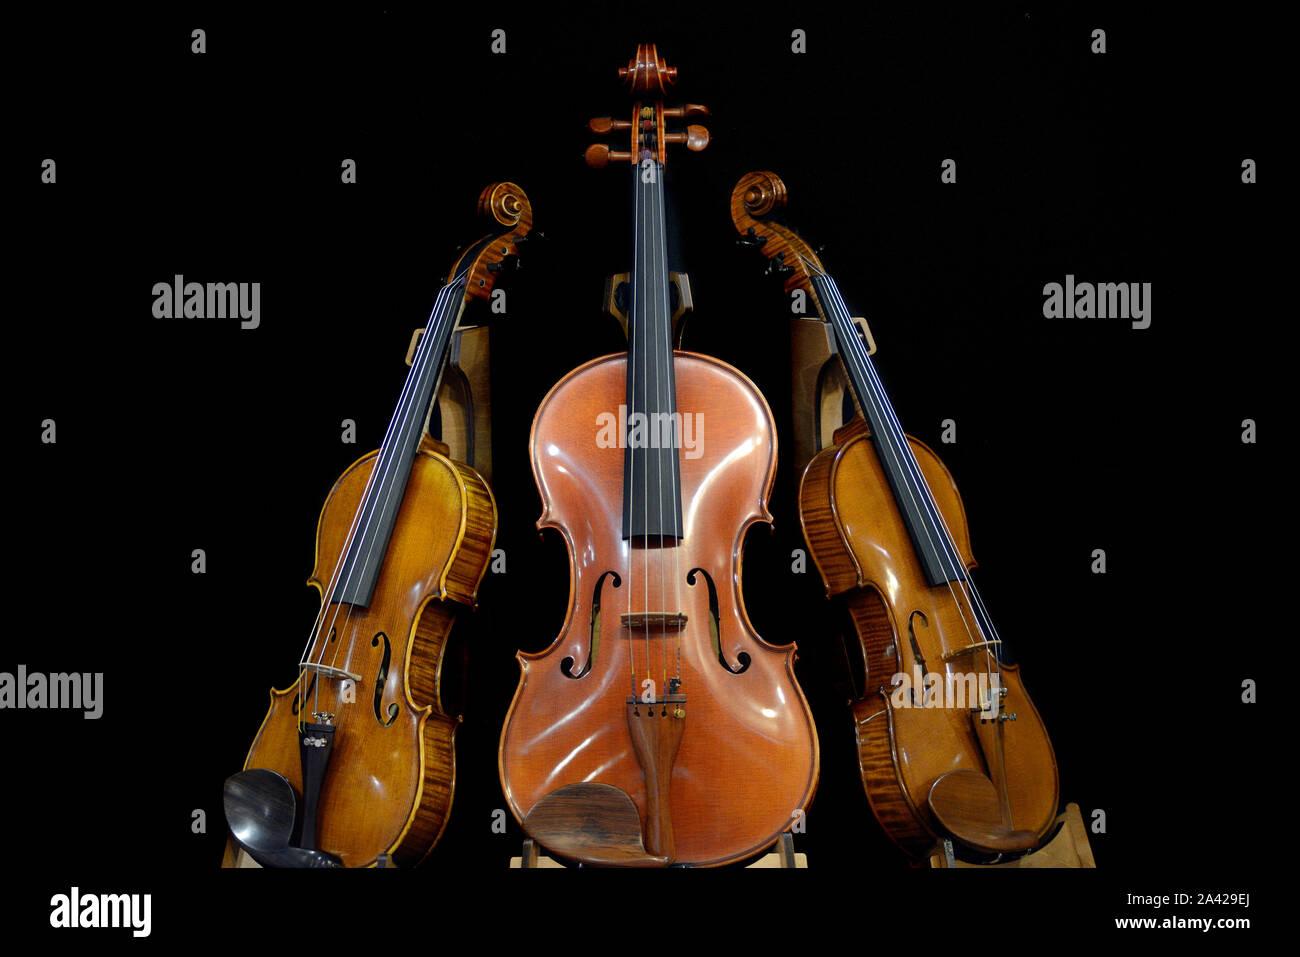 Italien, Lombardei, Cremona, Cremona, Musica Internationale Ausstellungen und Festivals 2019, Geigen stehend Stockfoto